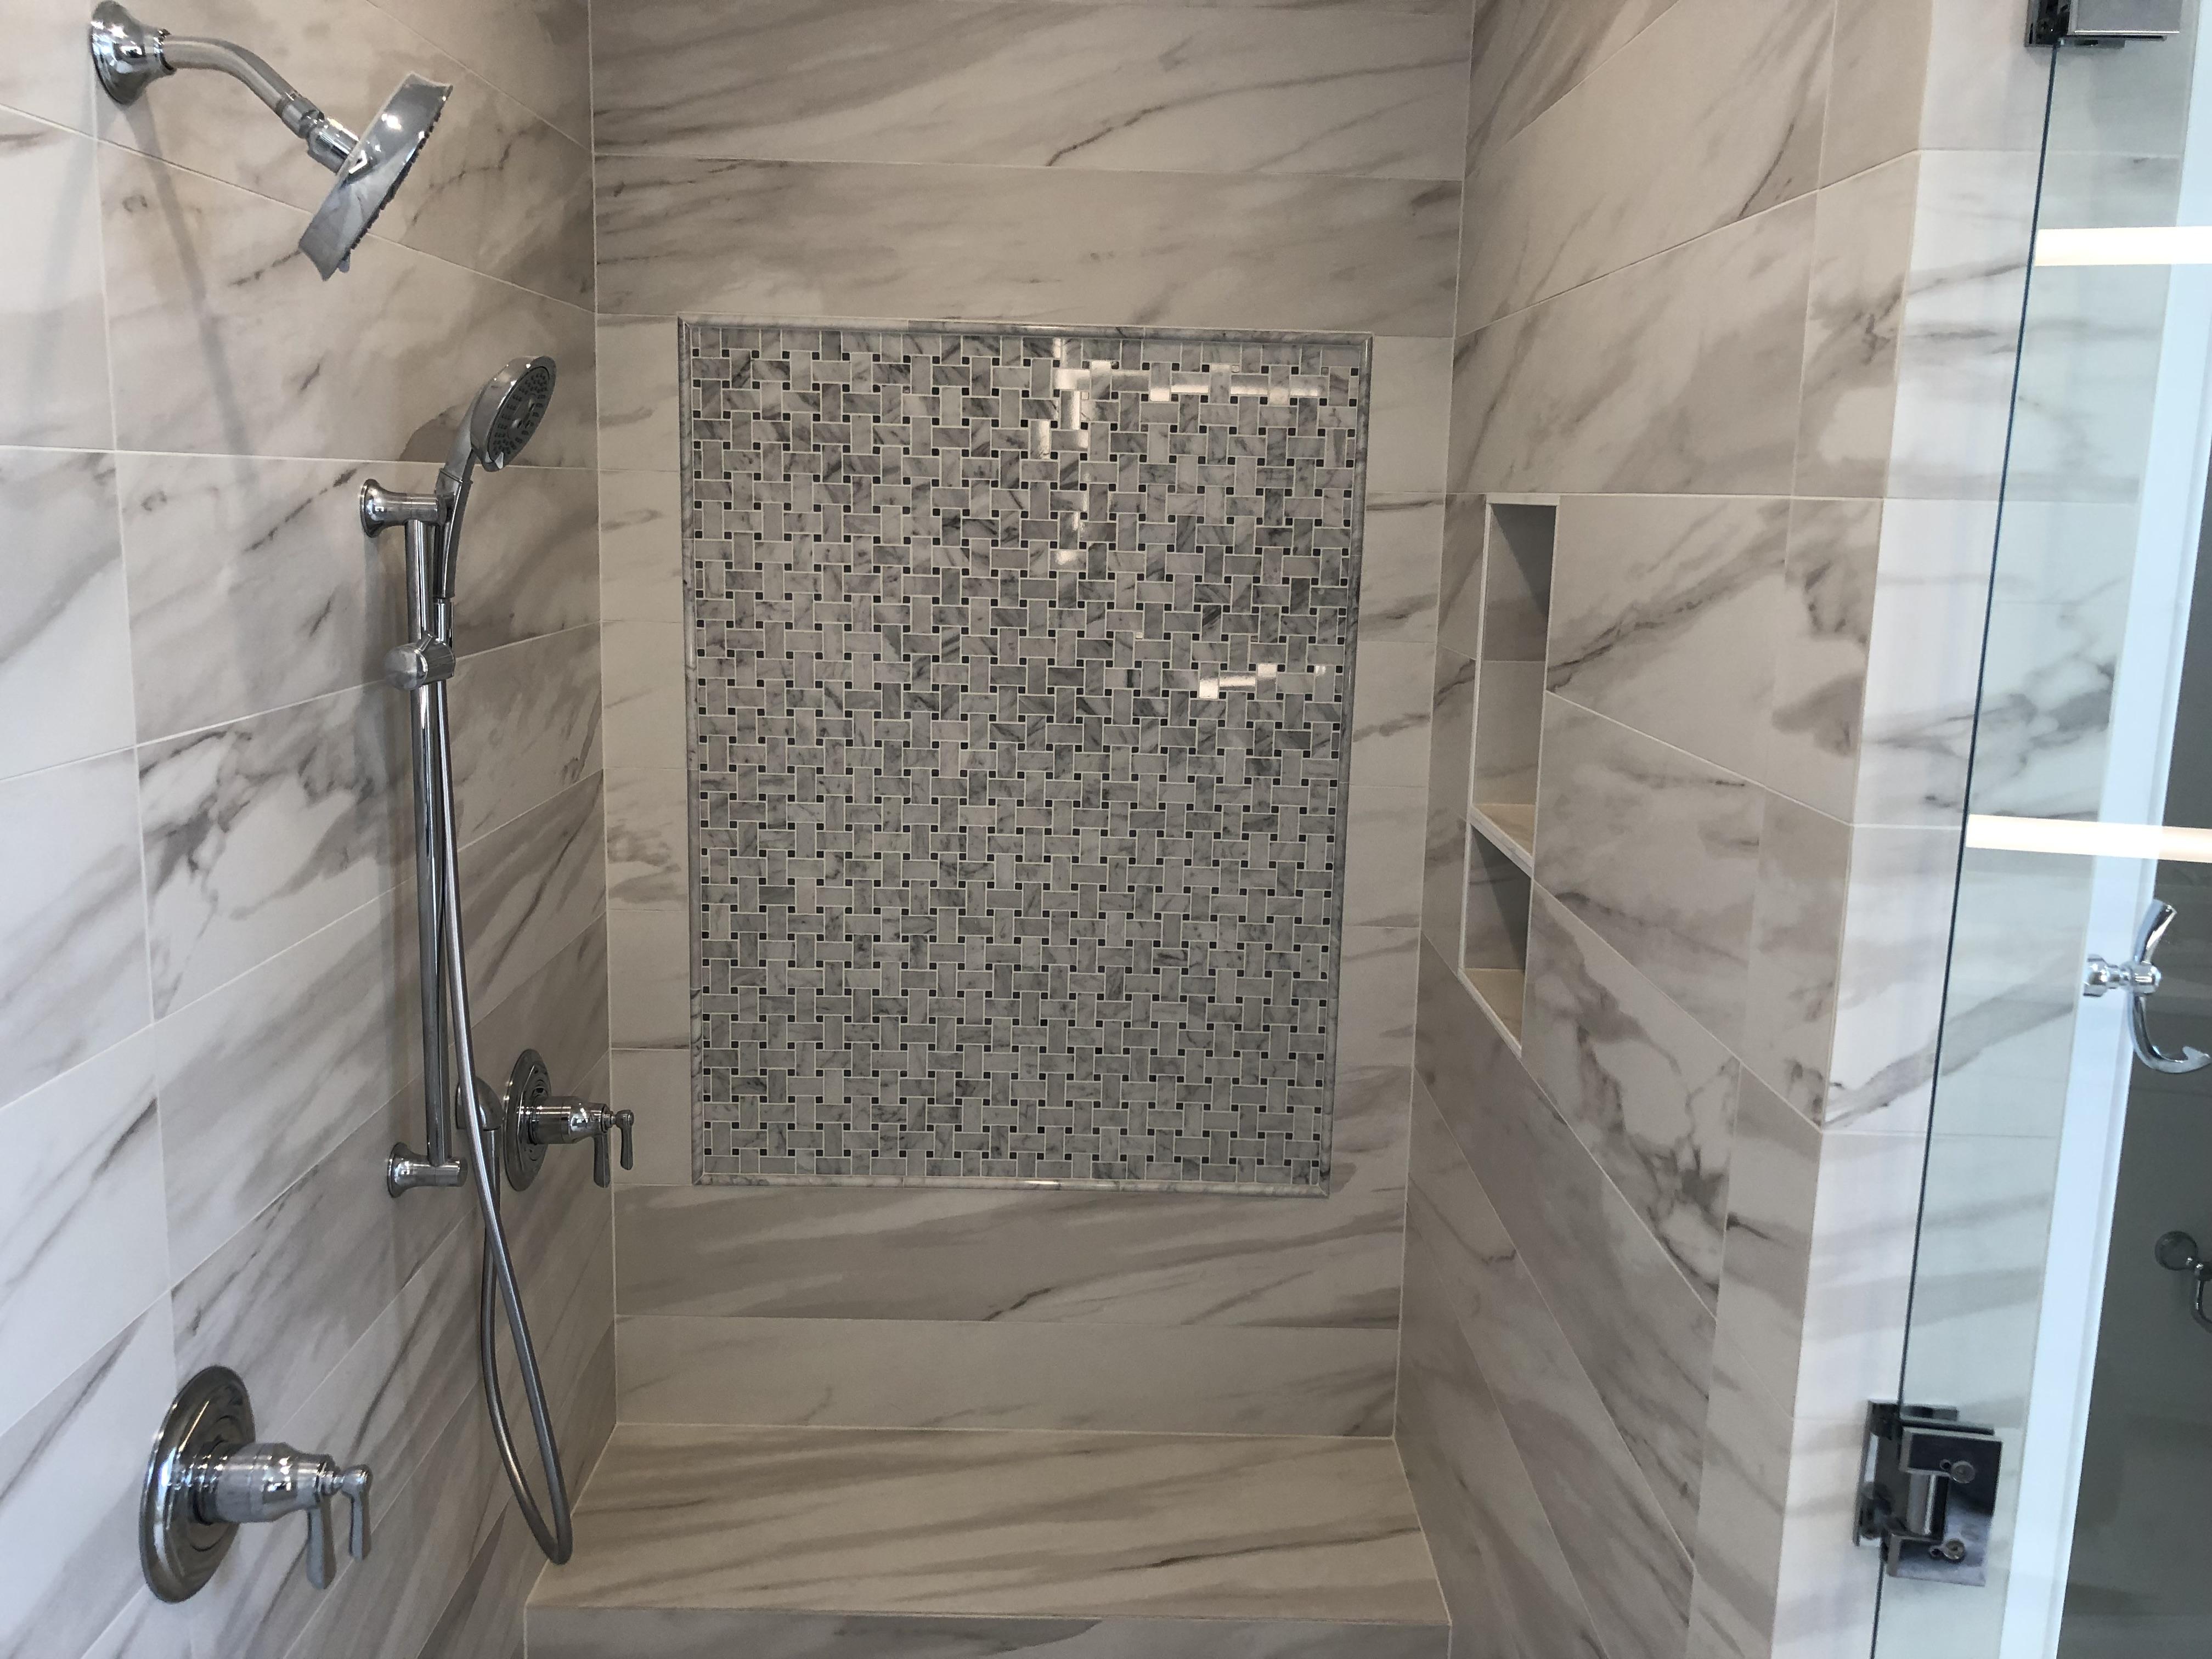 Des Moines Bathroom Kitchen Remodels Bathroom Remodeling Kitchen Remodeling